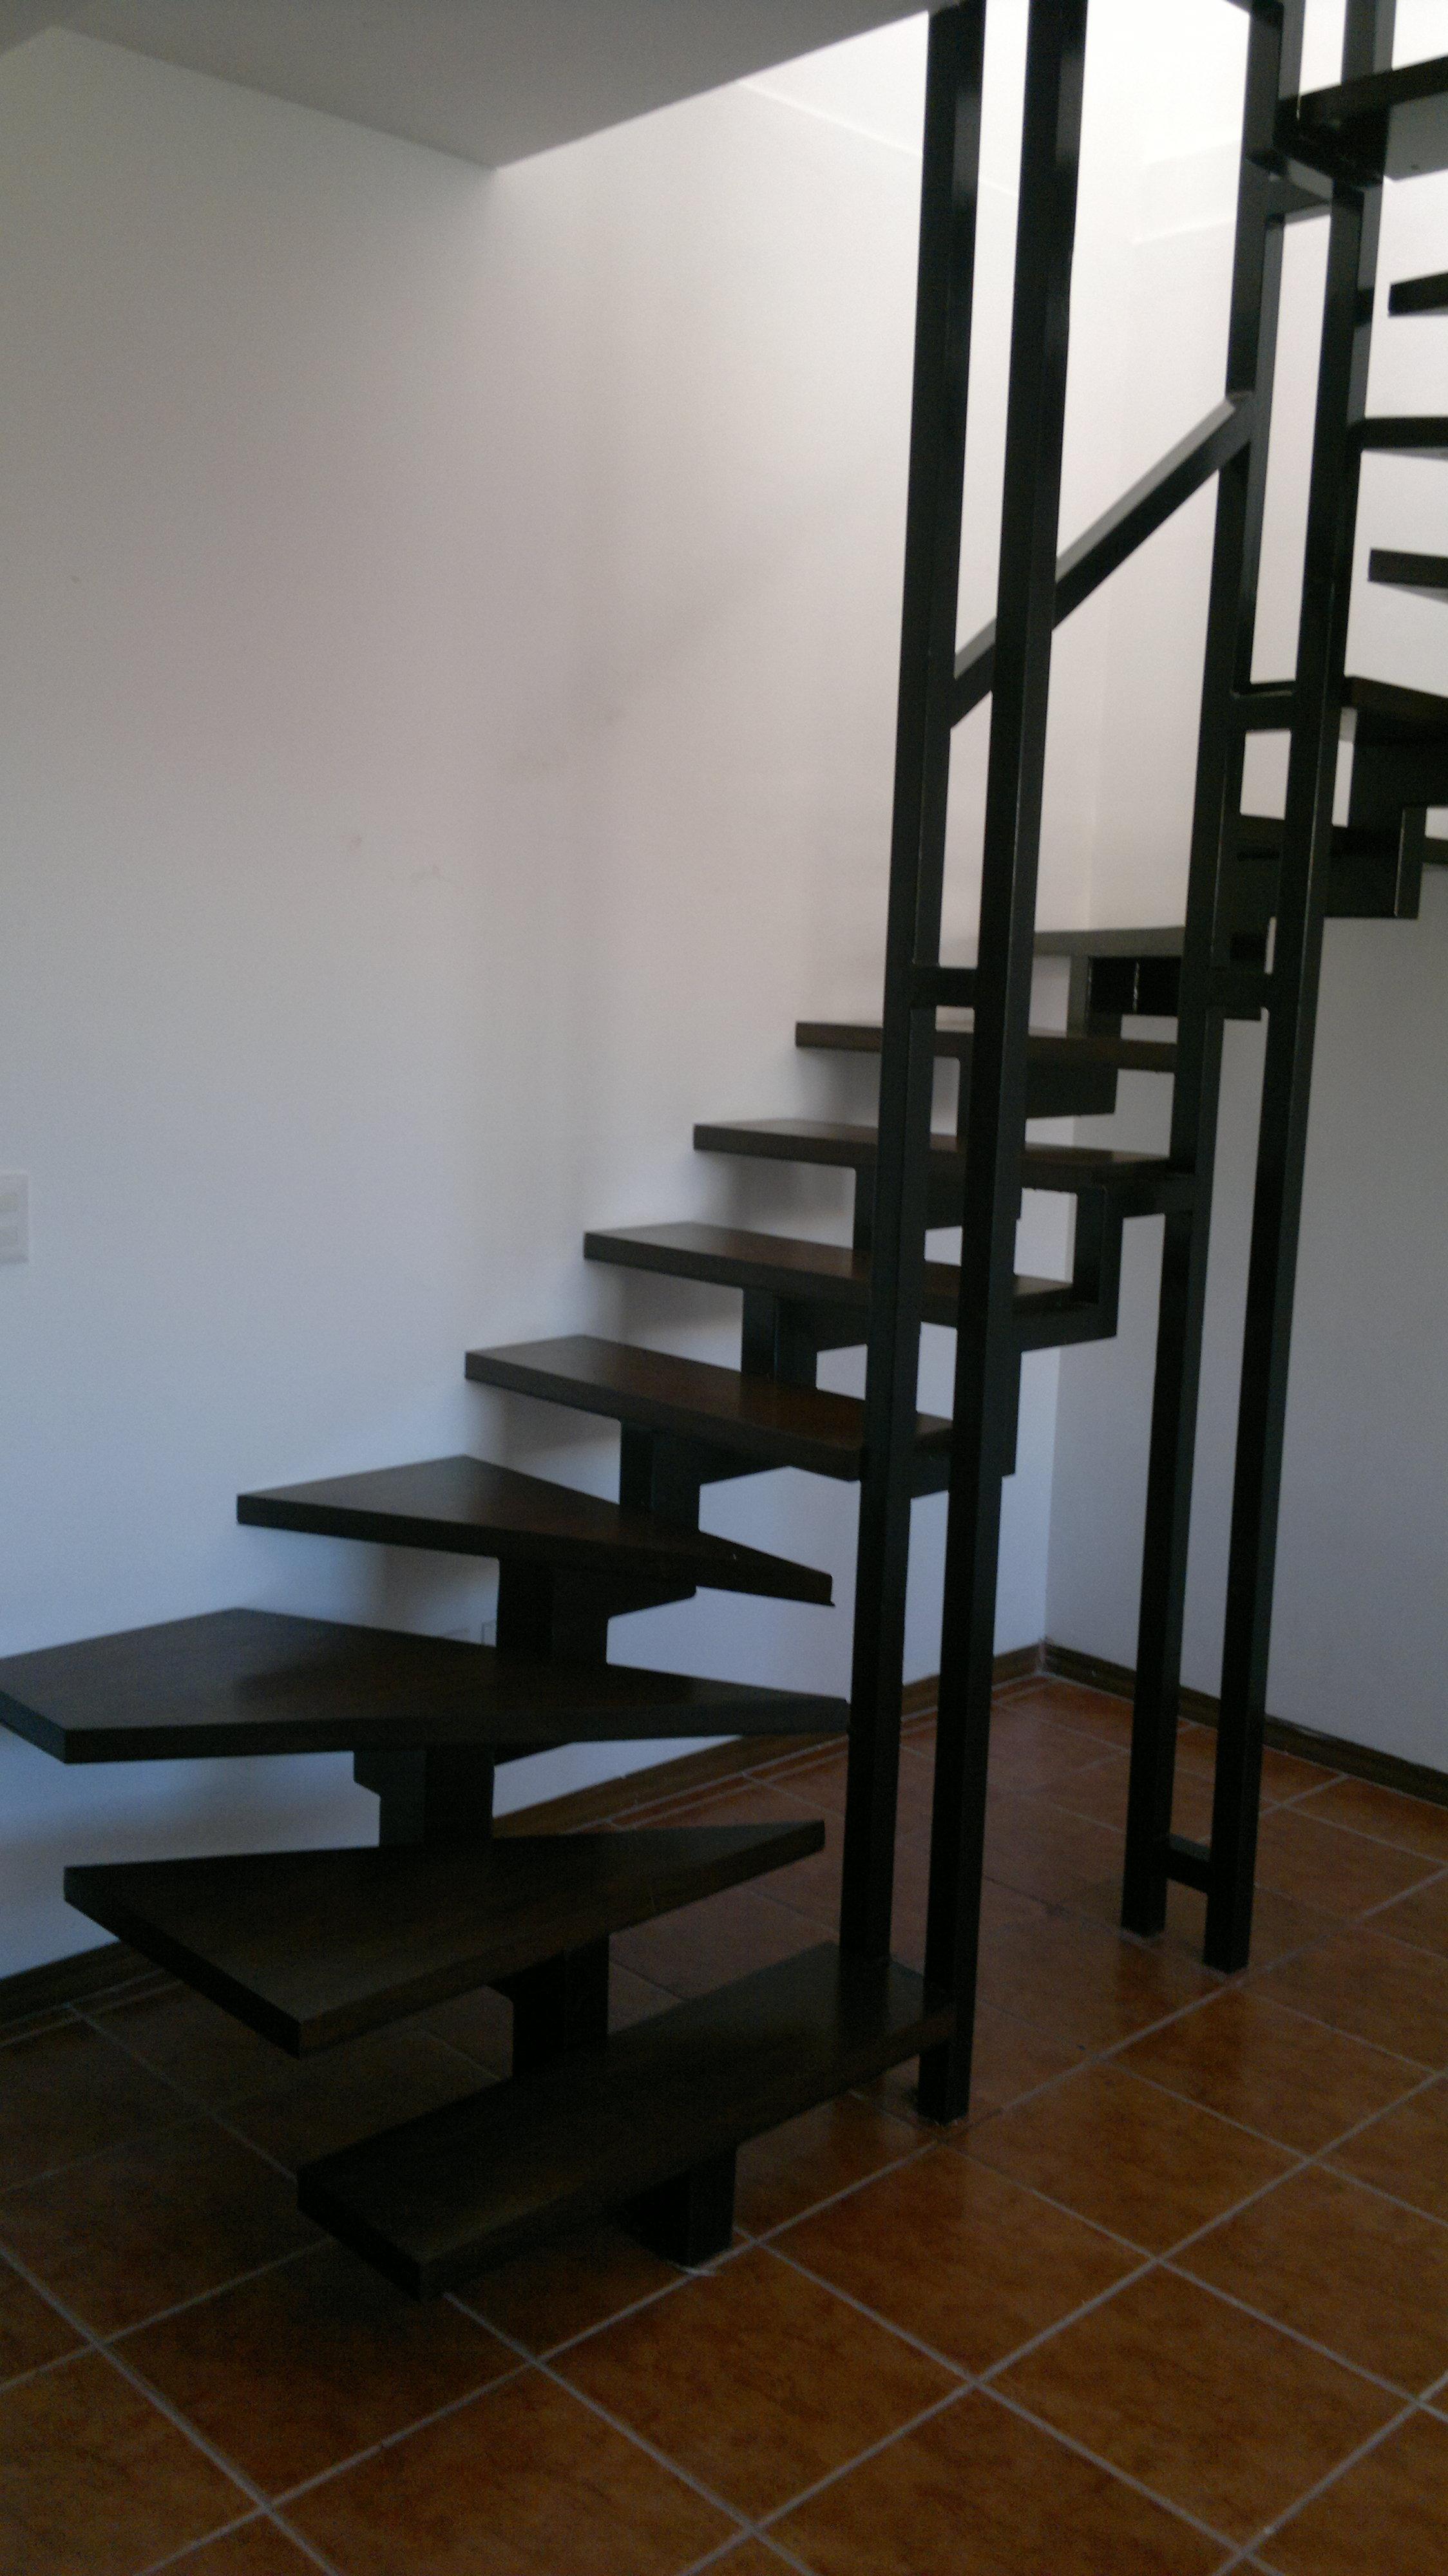 Escalera 010 herreria robles Escaleras herreria para interiores